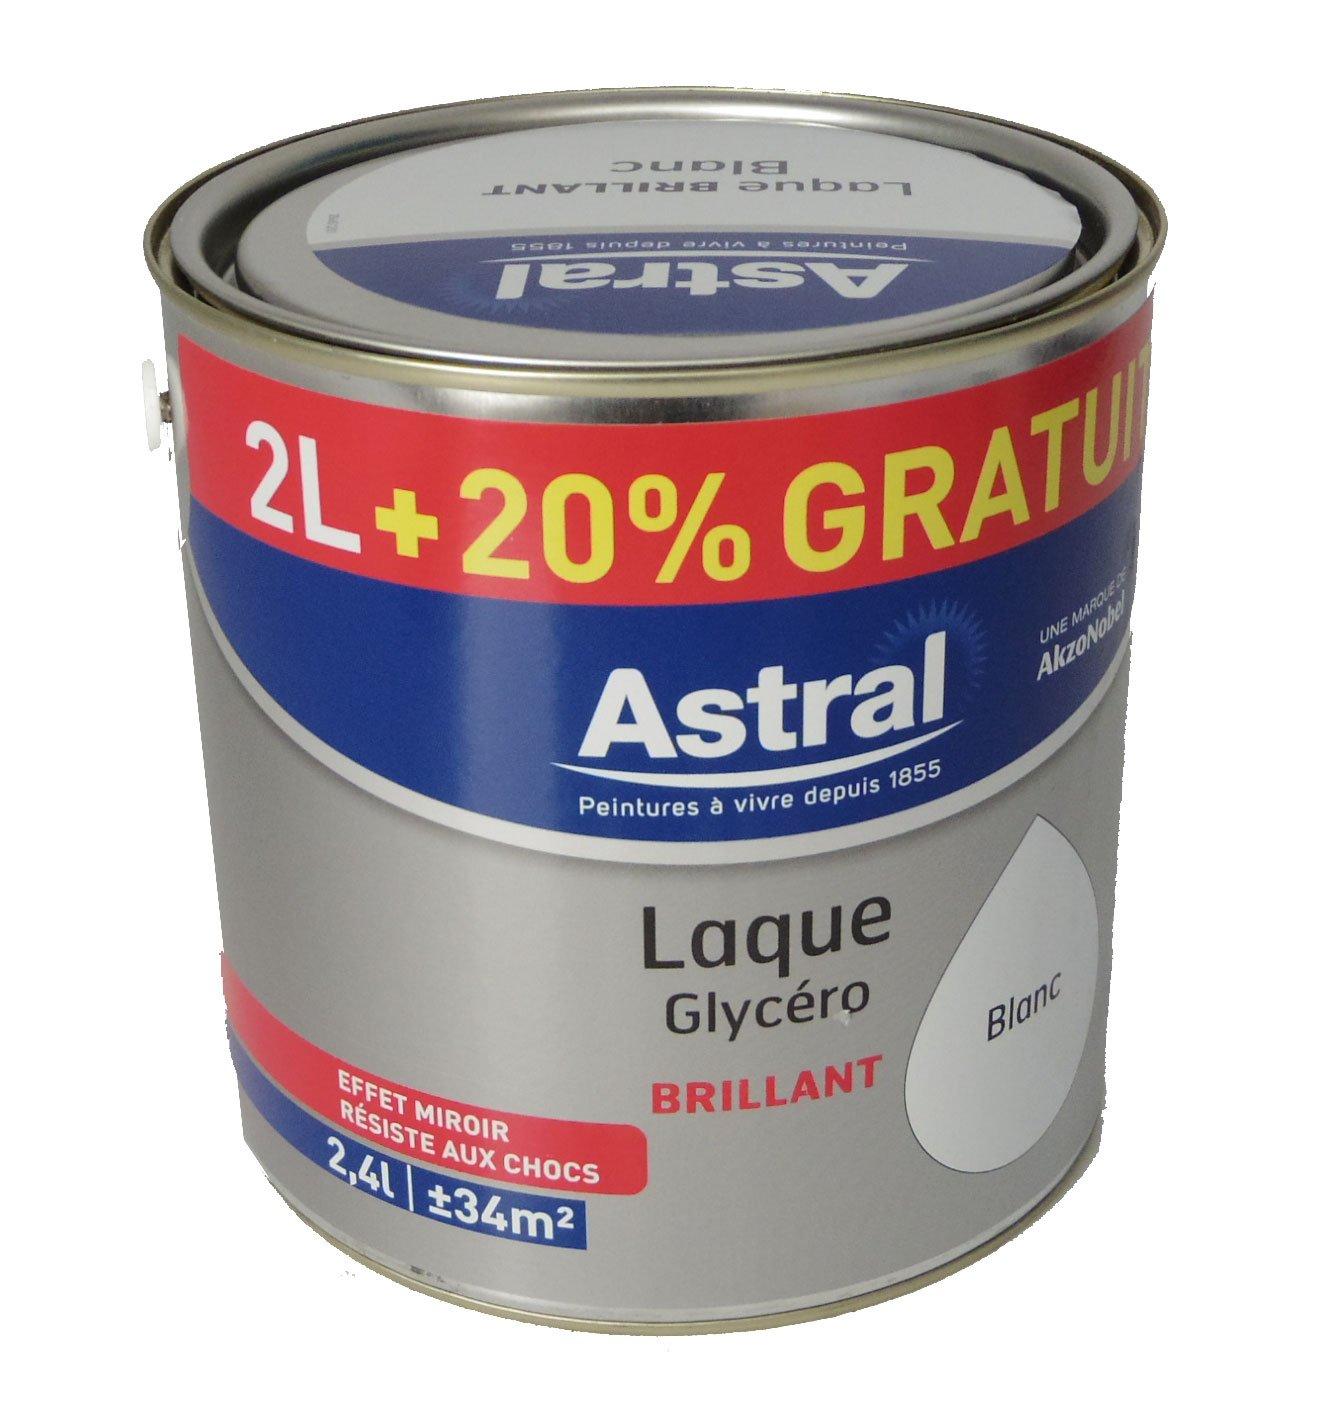 Astral 5213462 Laque Glycéro 2 L 20 Brillante Blanc